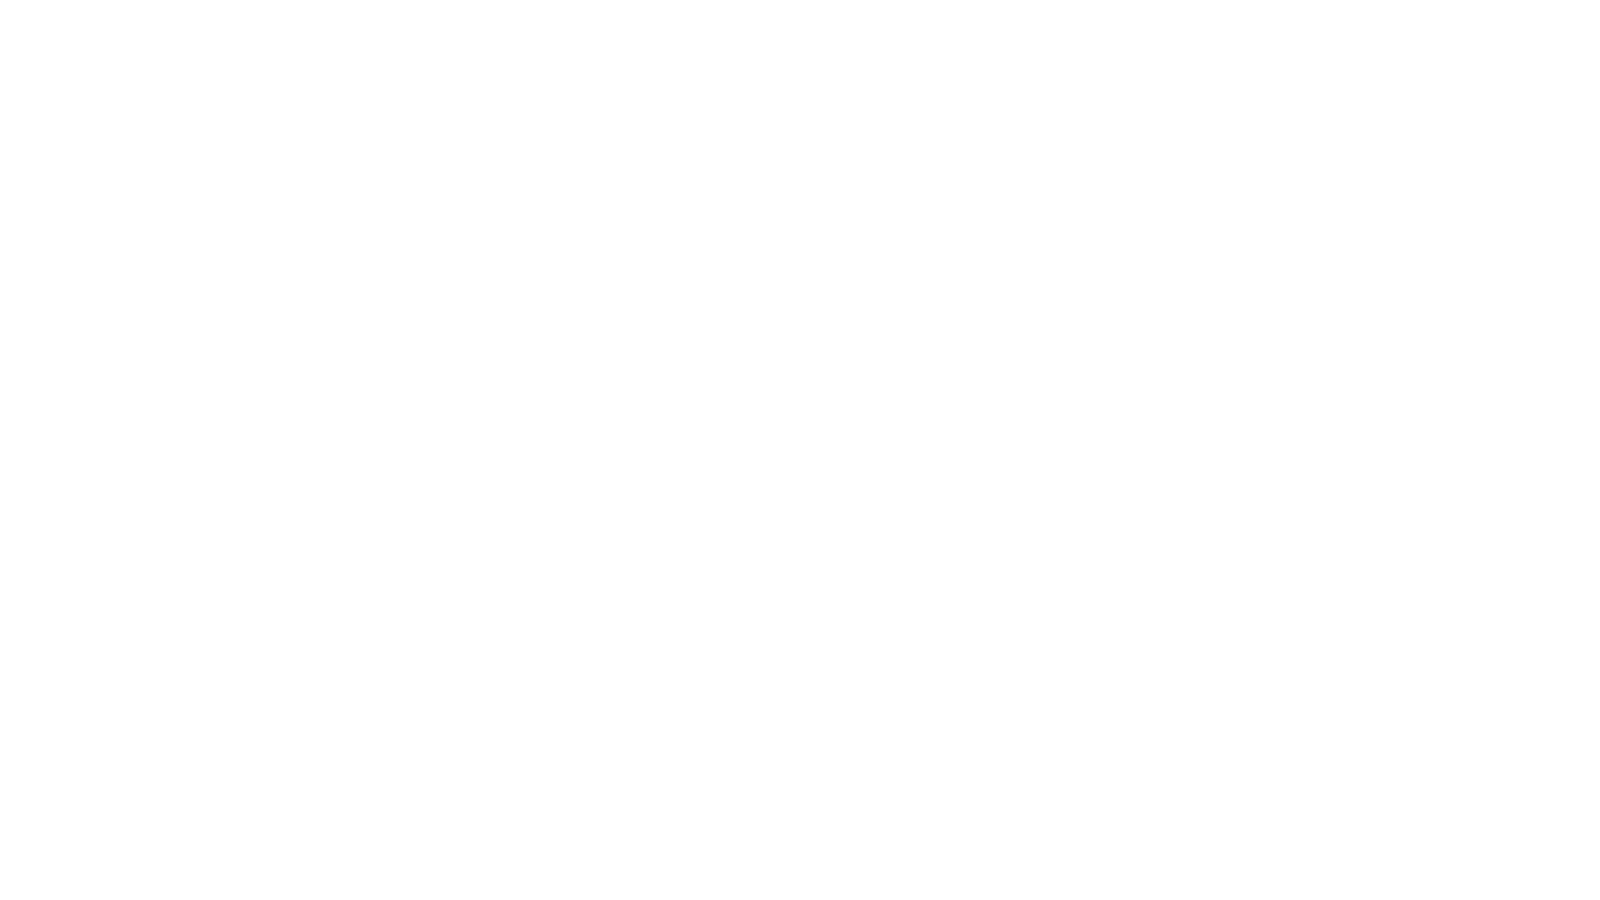 Garceta común o garzota (Egretta garzetta), algunas imágenes de su técnica de pesca sobre los bancos de muil o muxo en el paseo marítimo de Noia. Autor: Enrique Martínez Web: http://www.riadenoia.es